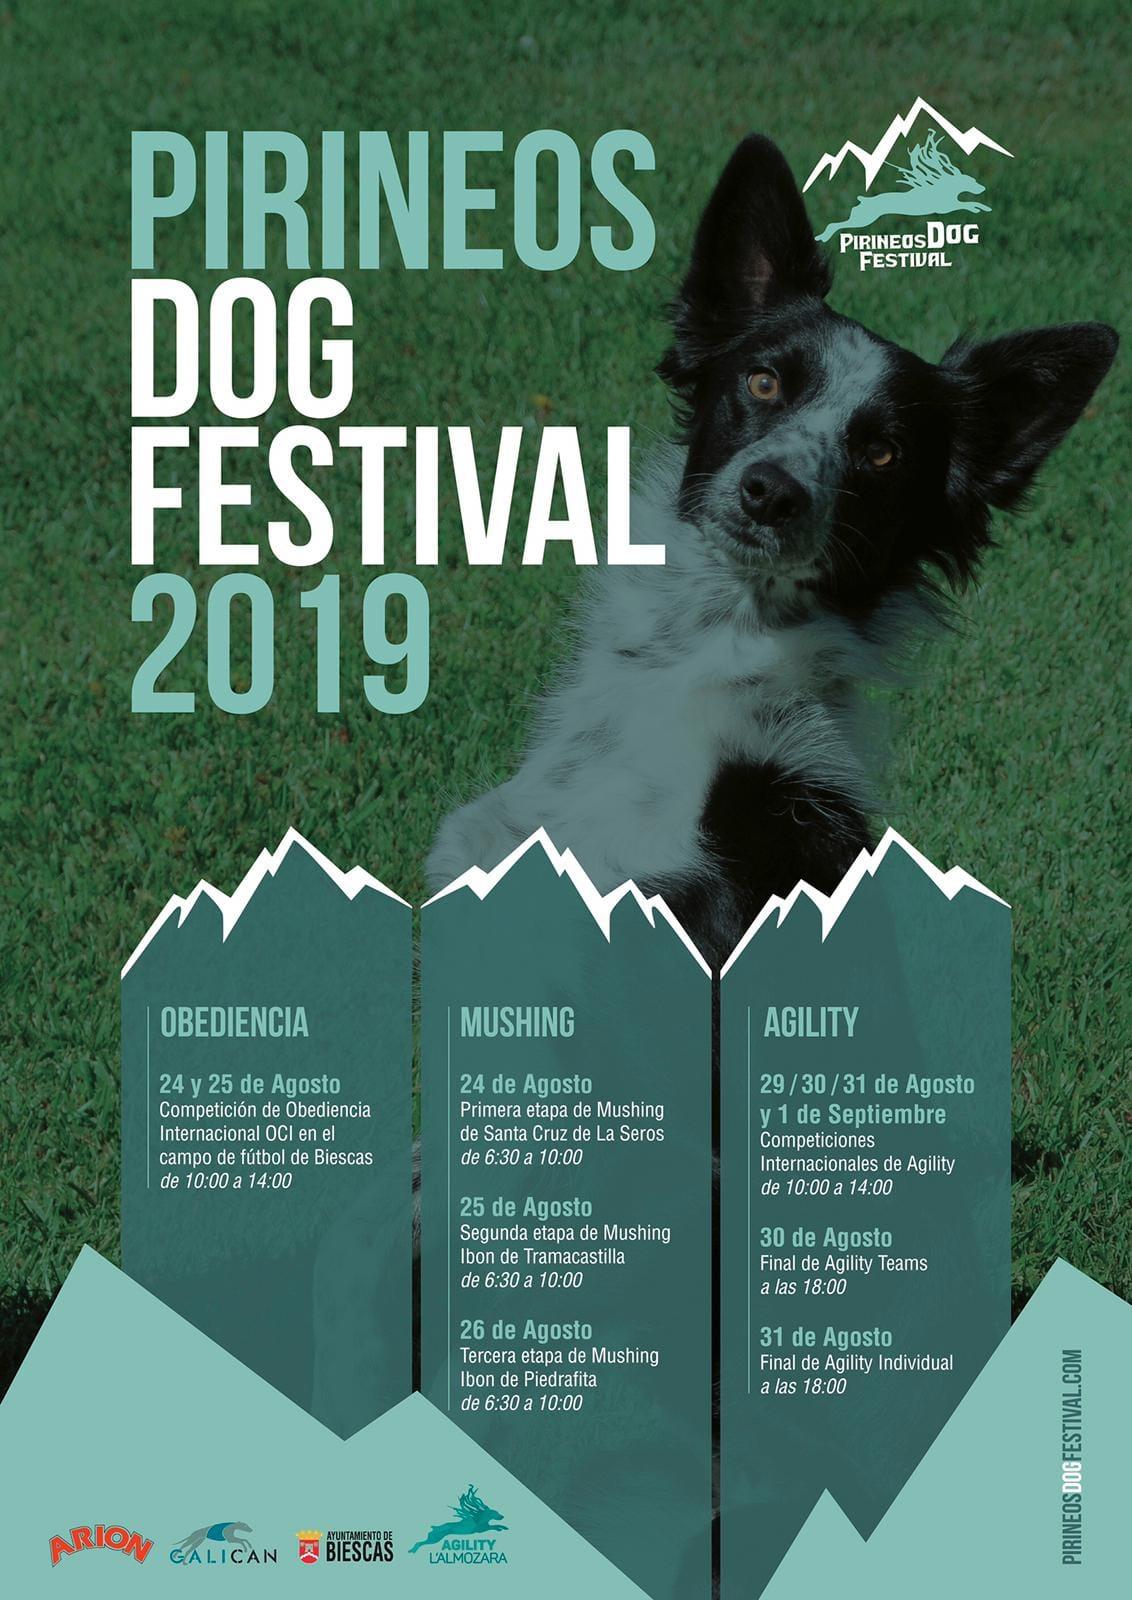 Pirineos Dog Festival